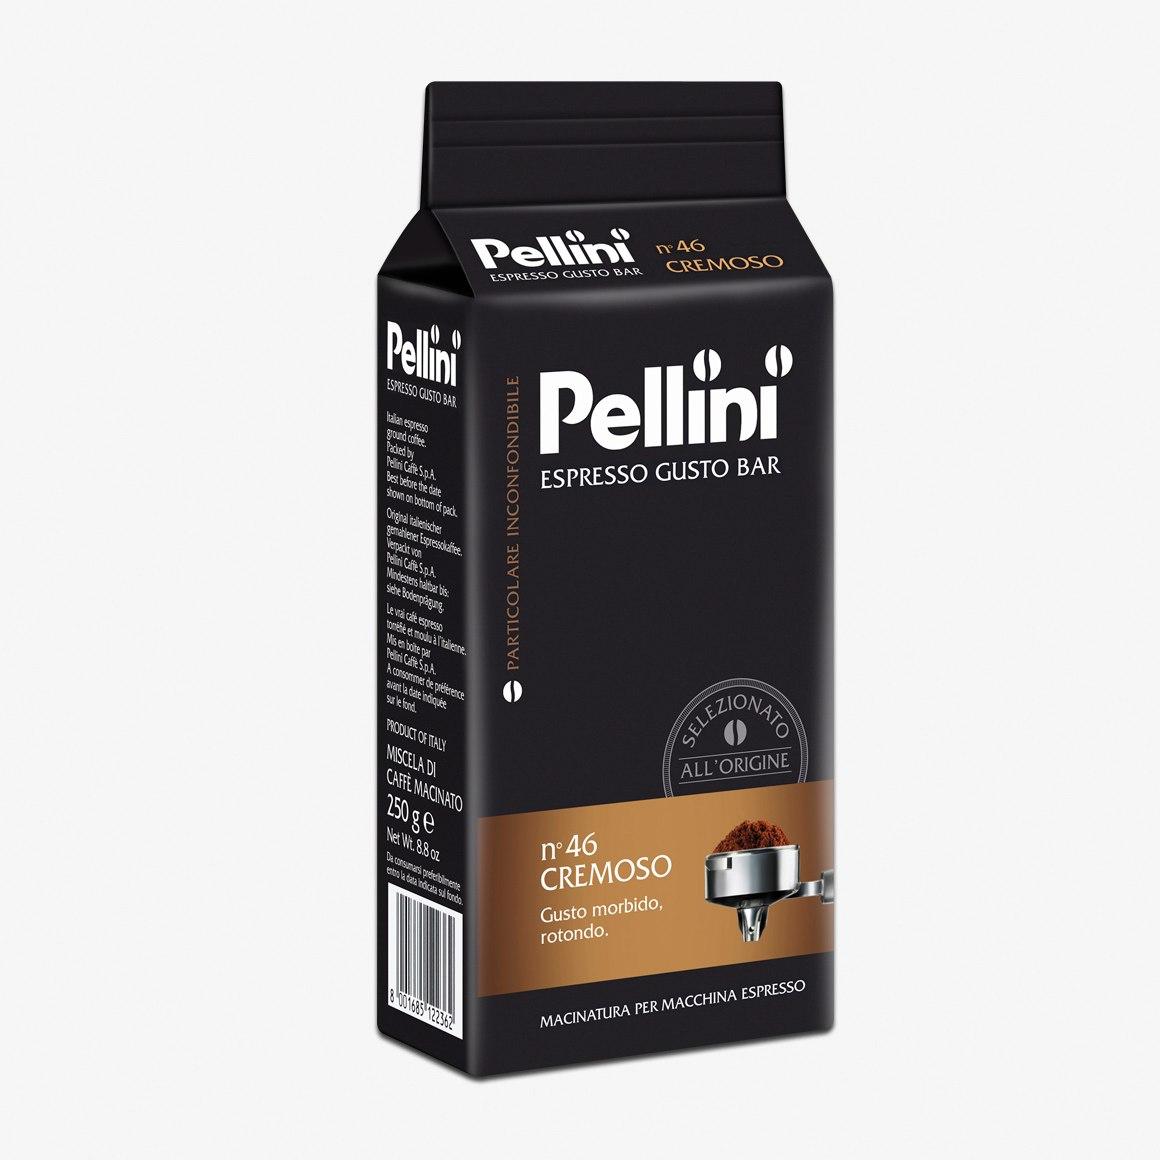 פליני טרידידיונלה מס. 46 קפה טחון 250 גרם